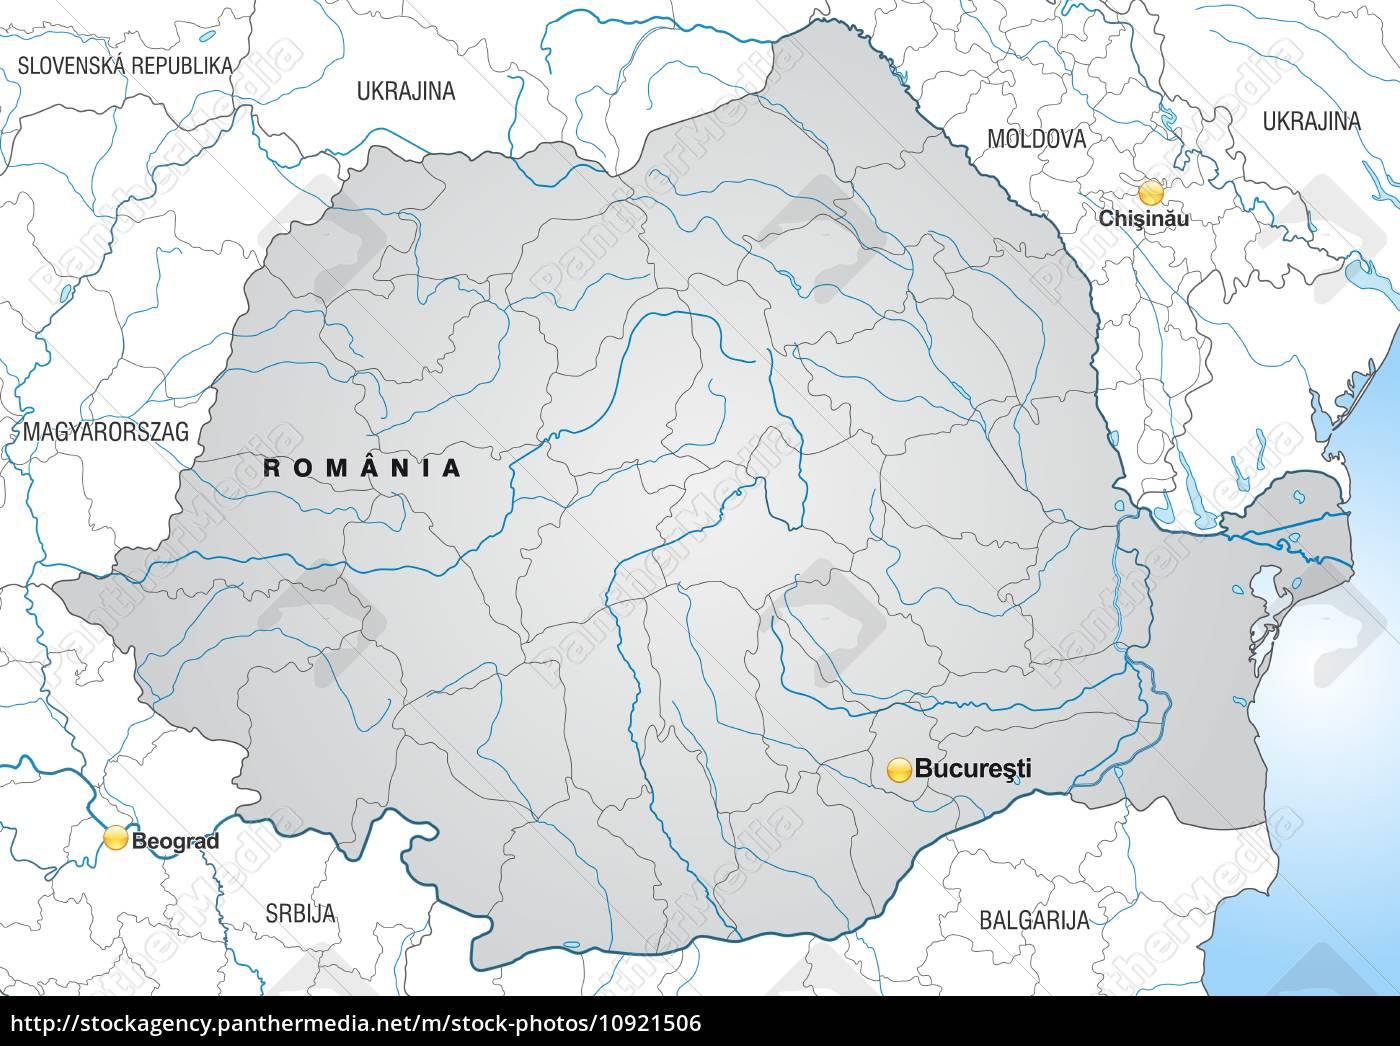 Kort Over Rumaenien Med Kanter I Gra Stockphoto 10921506